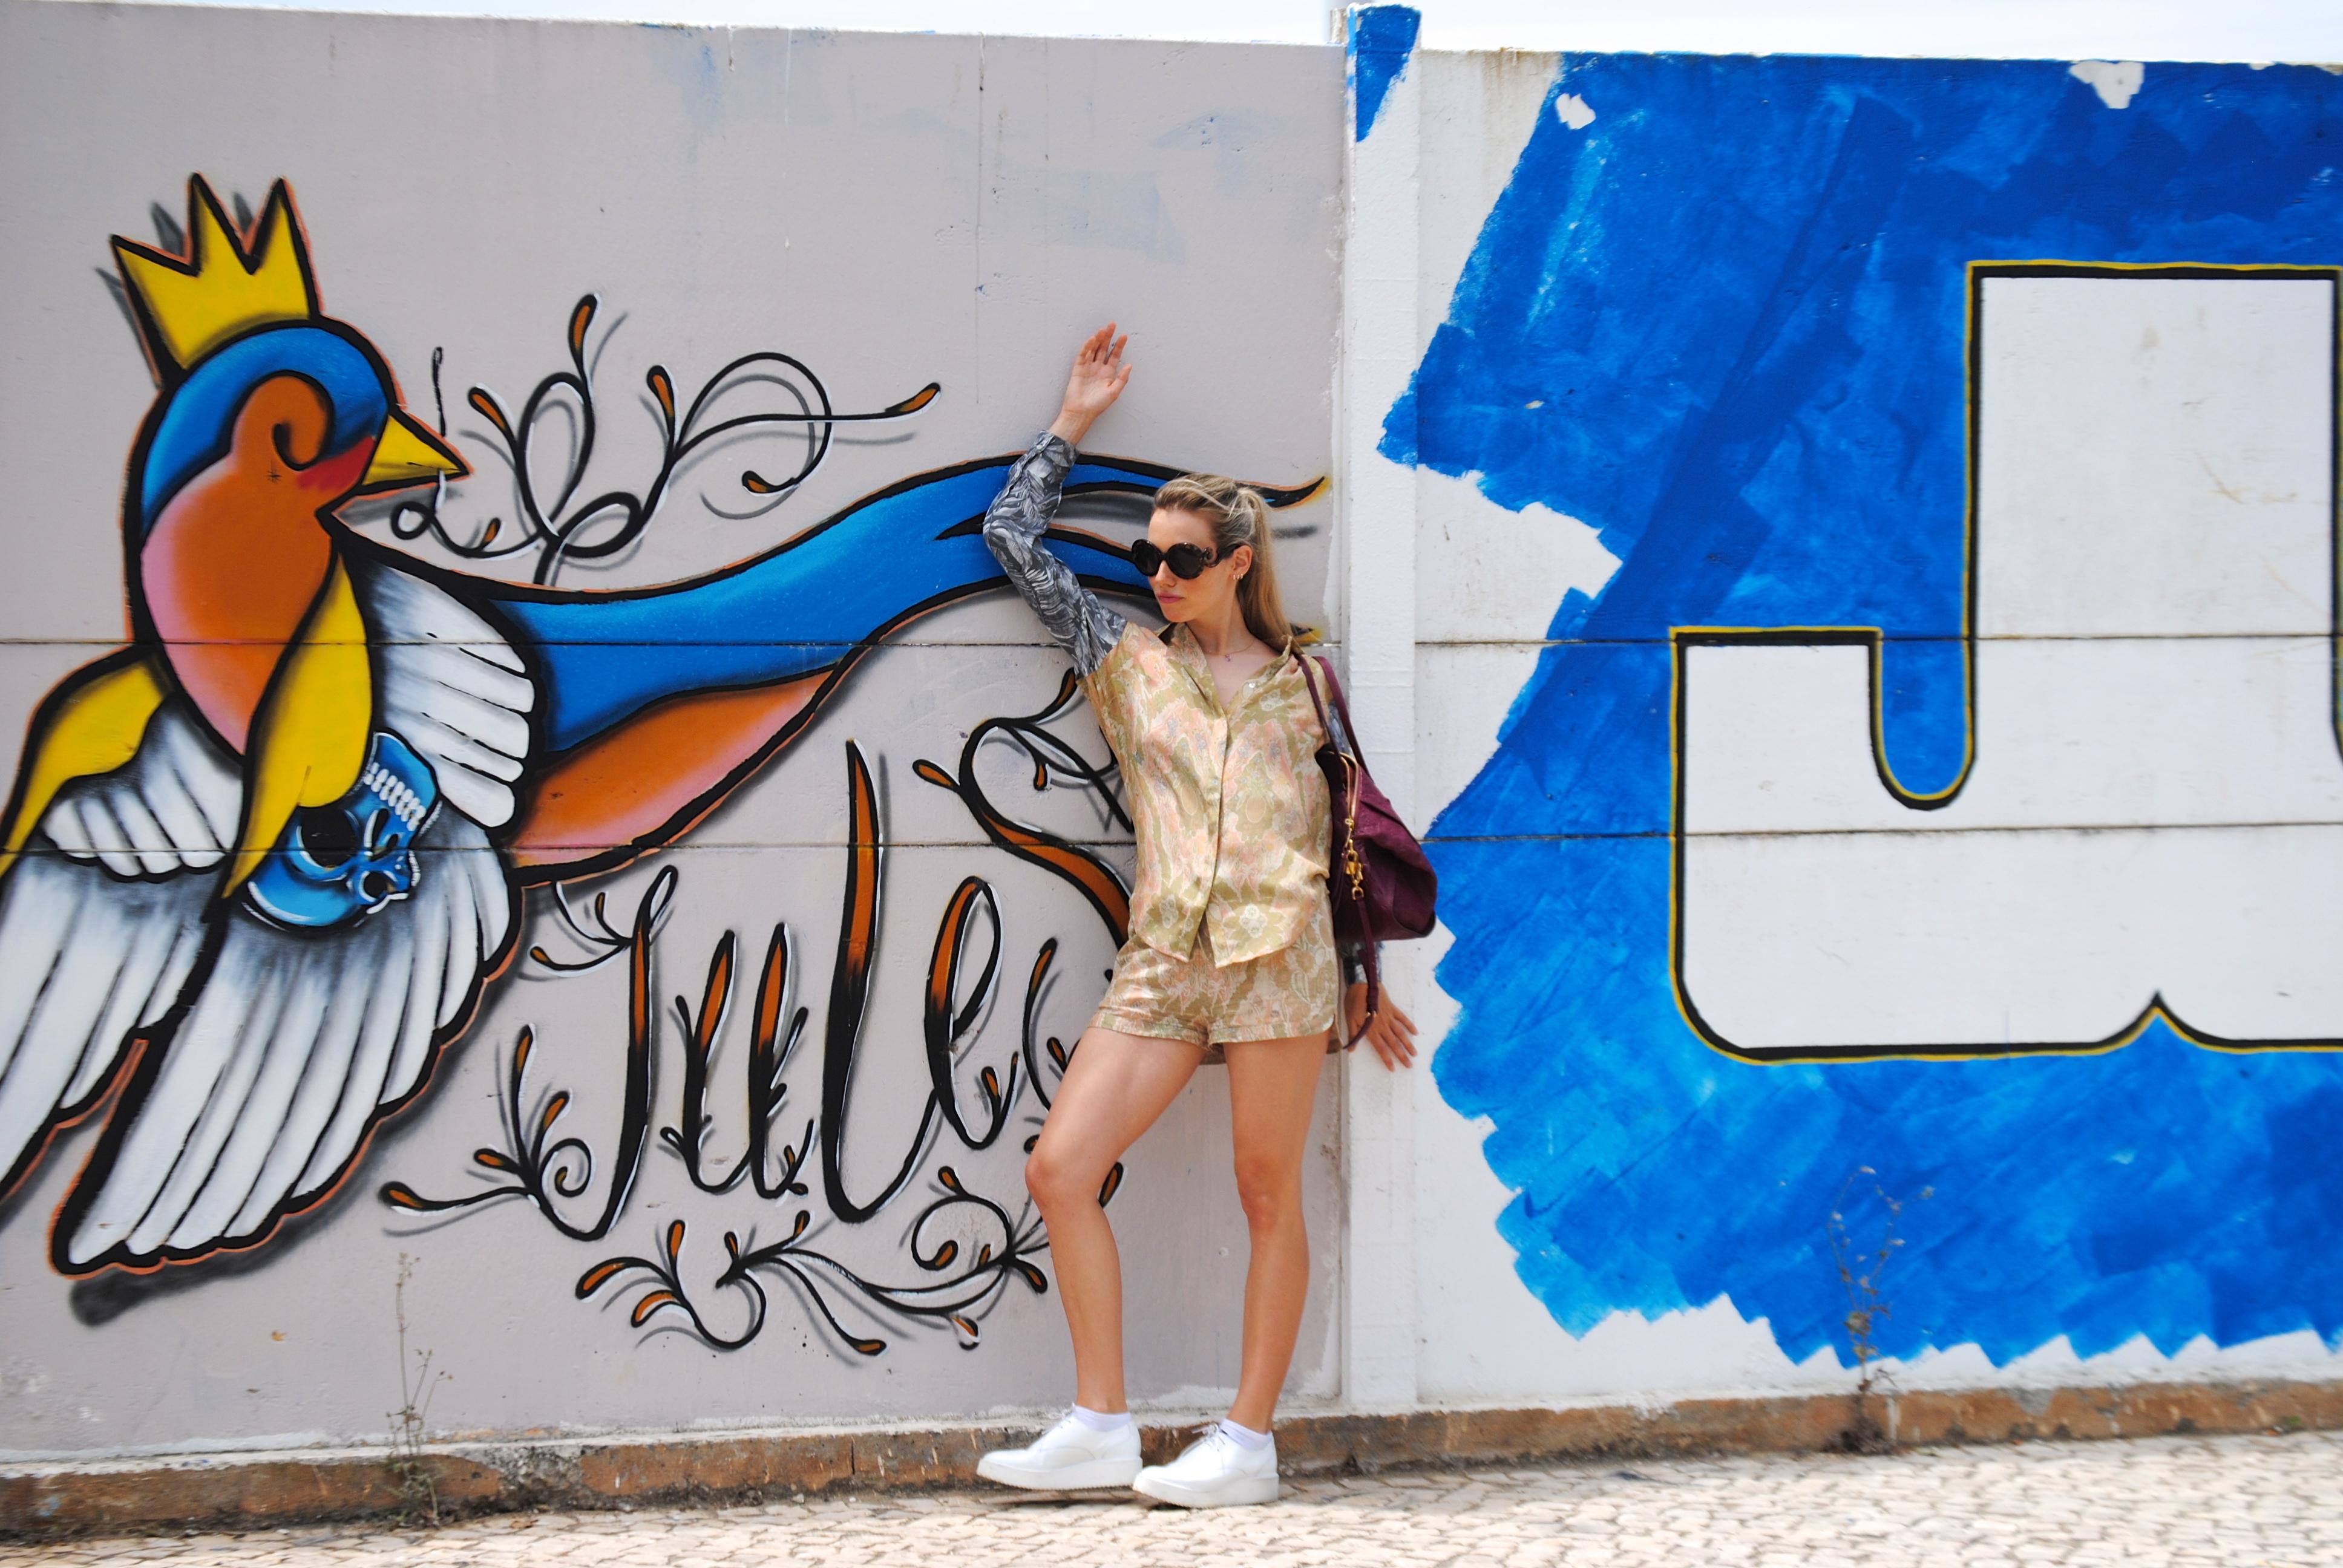 Camisa y shorts: H&M; Zapatos: Zara; Bolso: Louis Vuitton; Collar: TOUS; Gafas: Prada